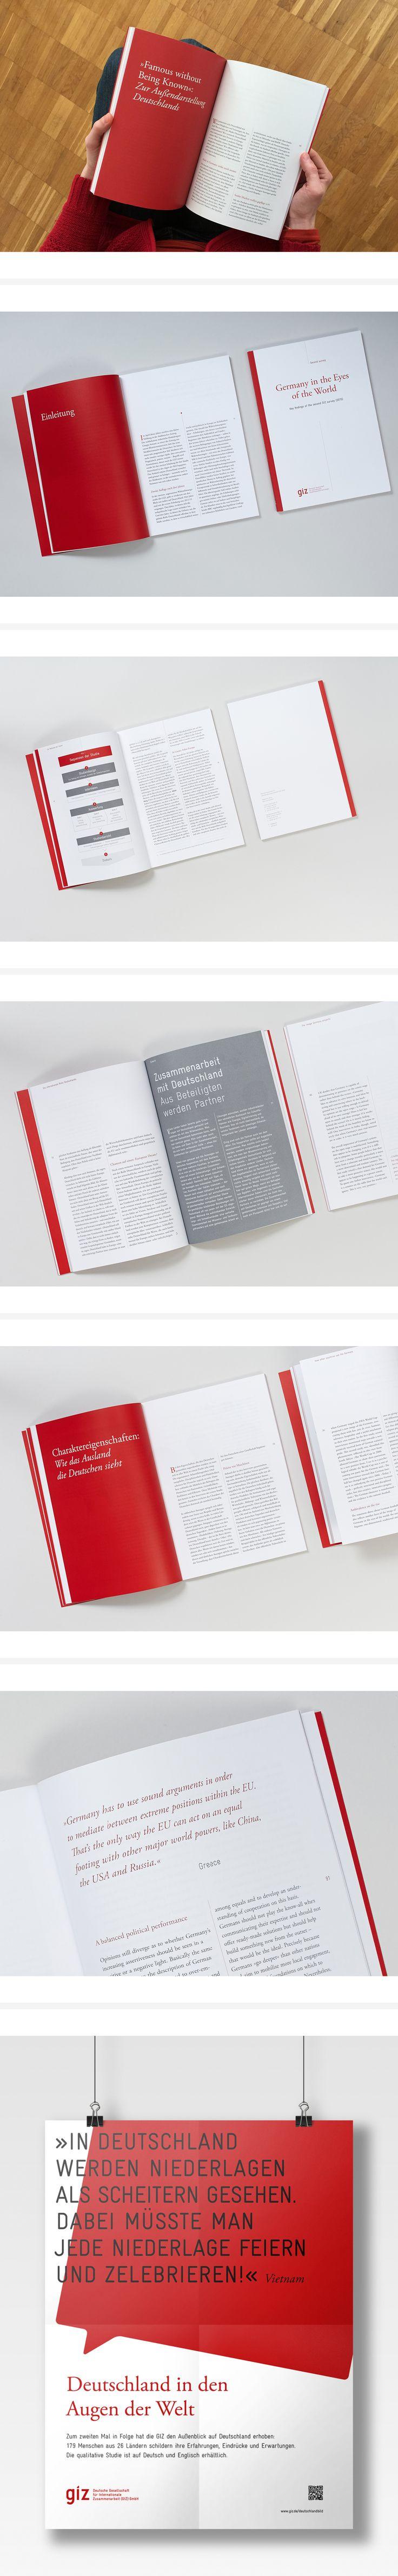 Im Auftrag von AgenZ gestalteten die Designer von Schumacher eine inhaltlich und grafisch hochwertige Studie zum Deutschlandbild. Wie wird Deutschland in der Welt wahrgenommen? Zu dieser Fragestellung führte AgenZ in 26 Ländern 179 Interviews mit Vertretern aus Wirtschaft, Wissenschaft, Politik, Kultur und Gesellschaft durch. #deutschland #editorialdesign #broschüre